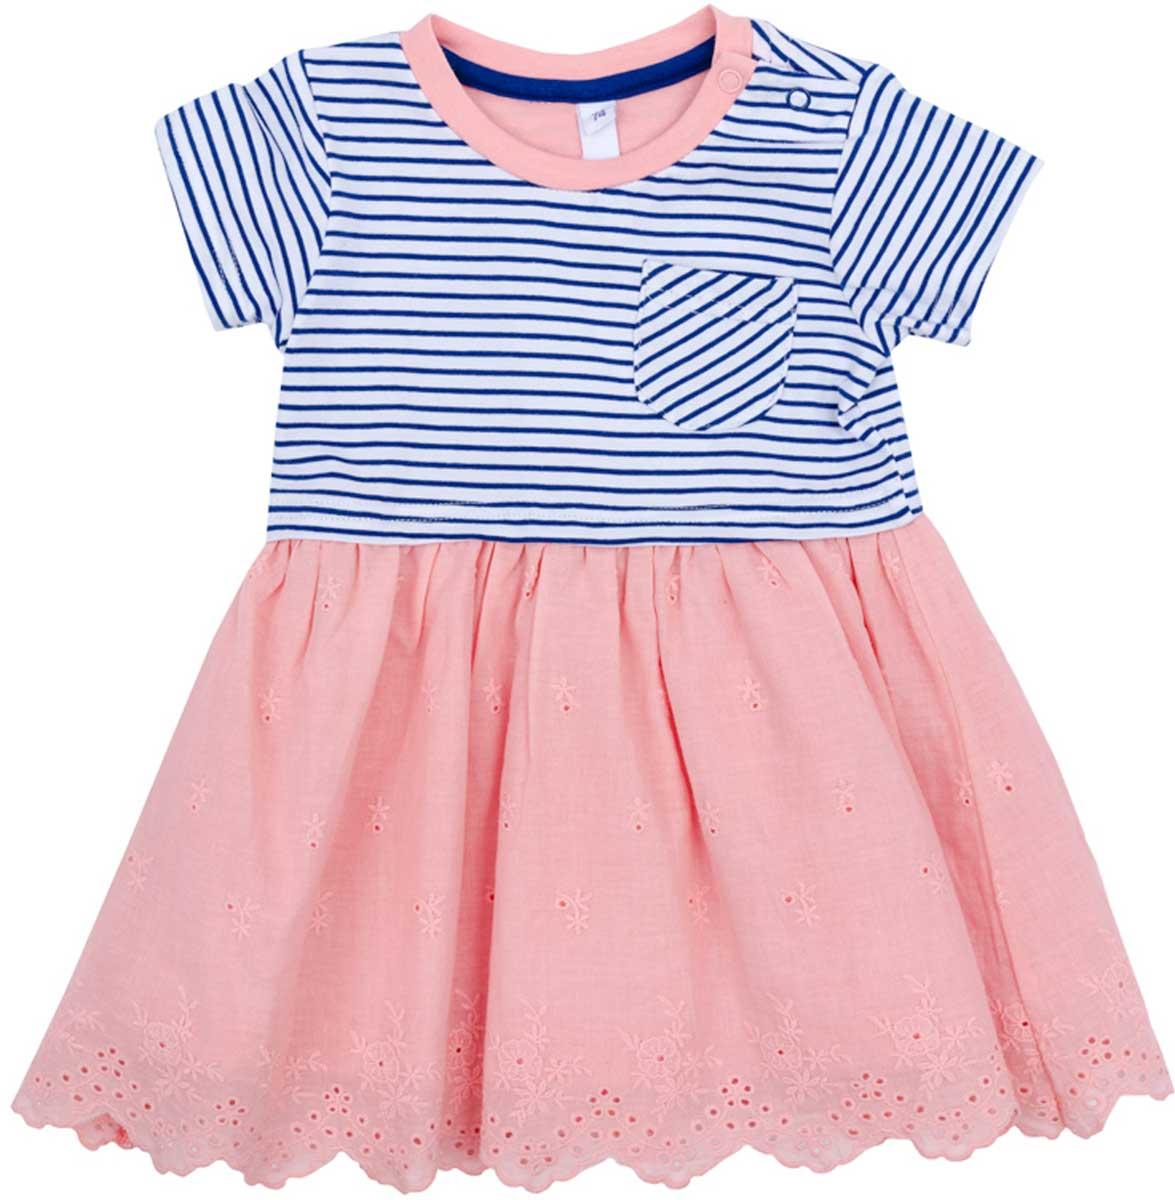 Платье для девочки PlayToday, цвет: розовый, серый, белый. 178060. Размер 86178060Платье PlayToday, отрезное по талии, с округлым вырезом у горловины, понравится вашей моднице. Свободный крой не сковывает движений. Приятная на ощупь ткань не раздражает нежную кожу ребенка. Модель декорирована небольшим аккуратным карманом.